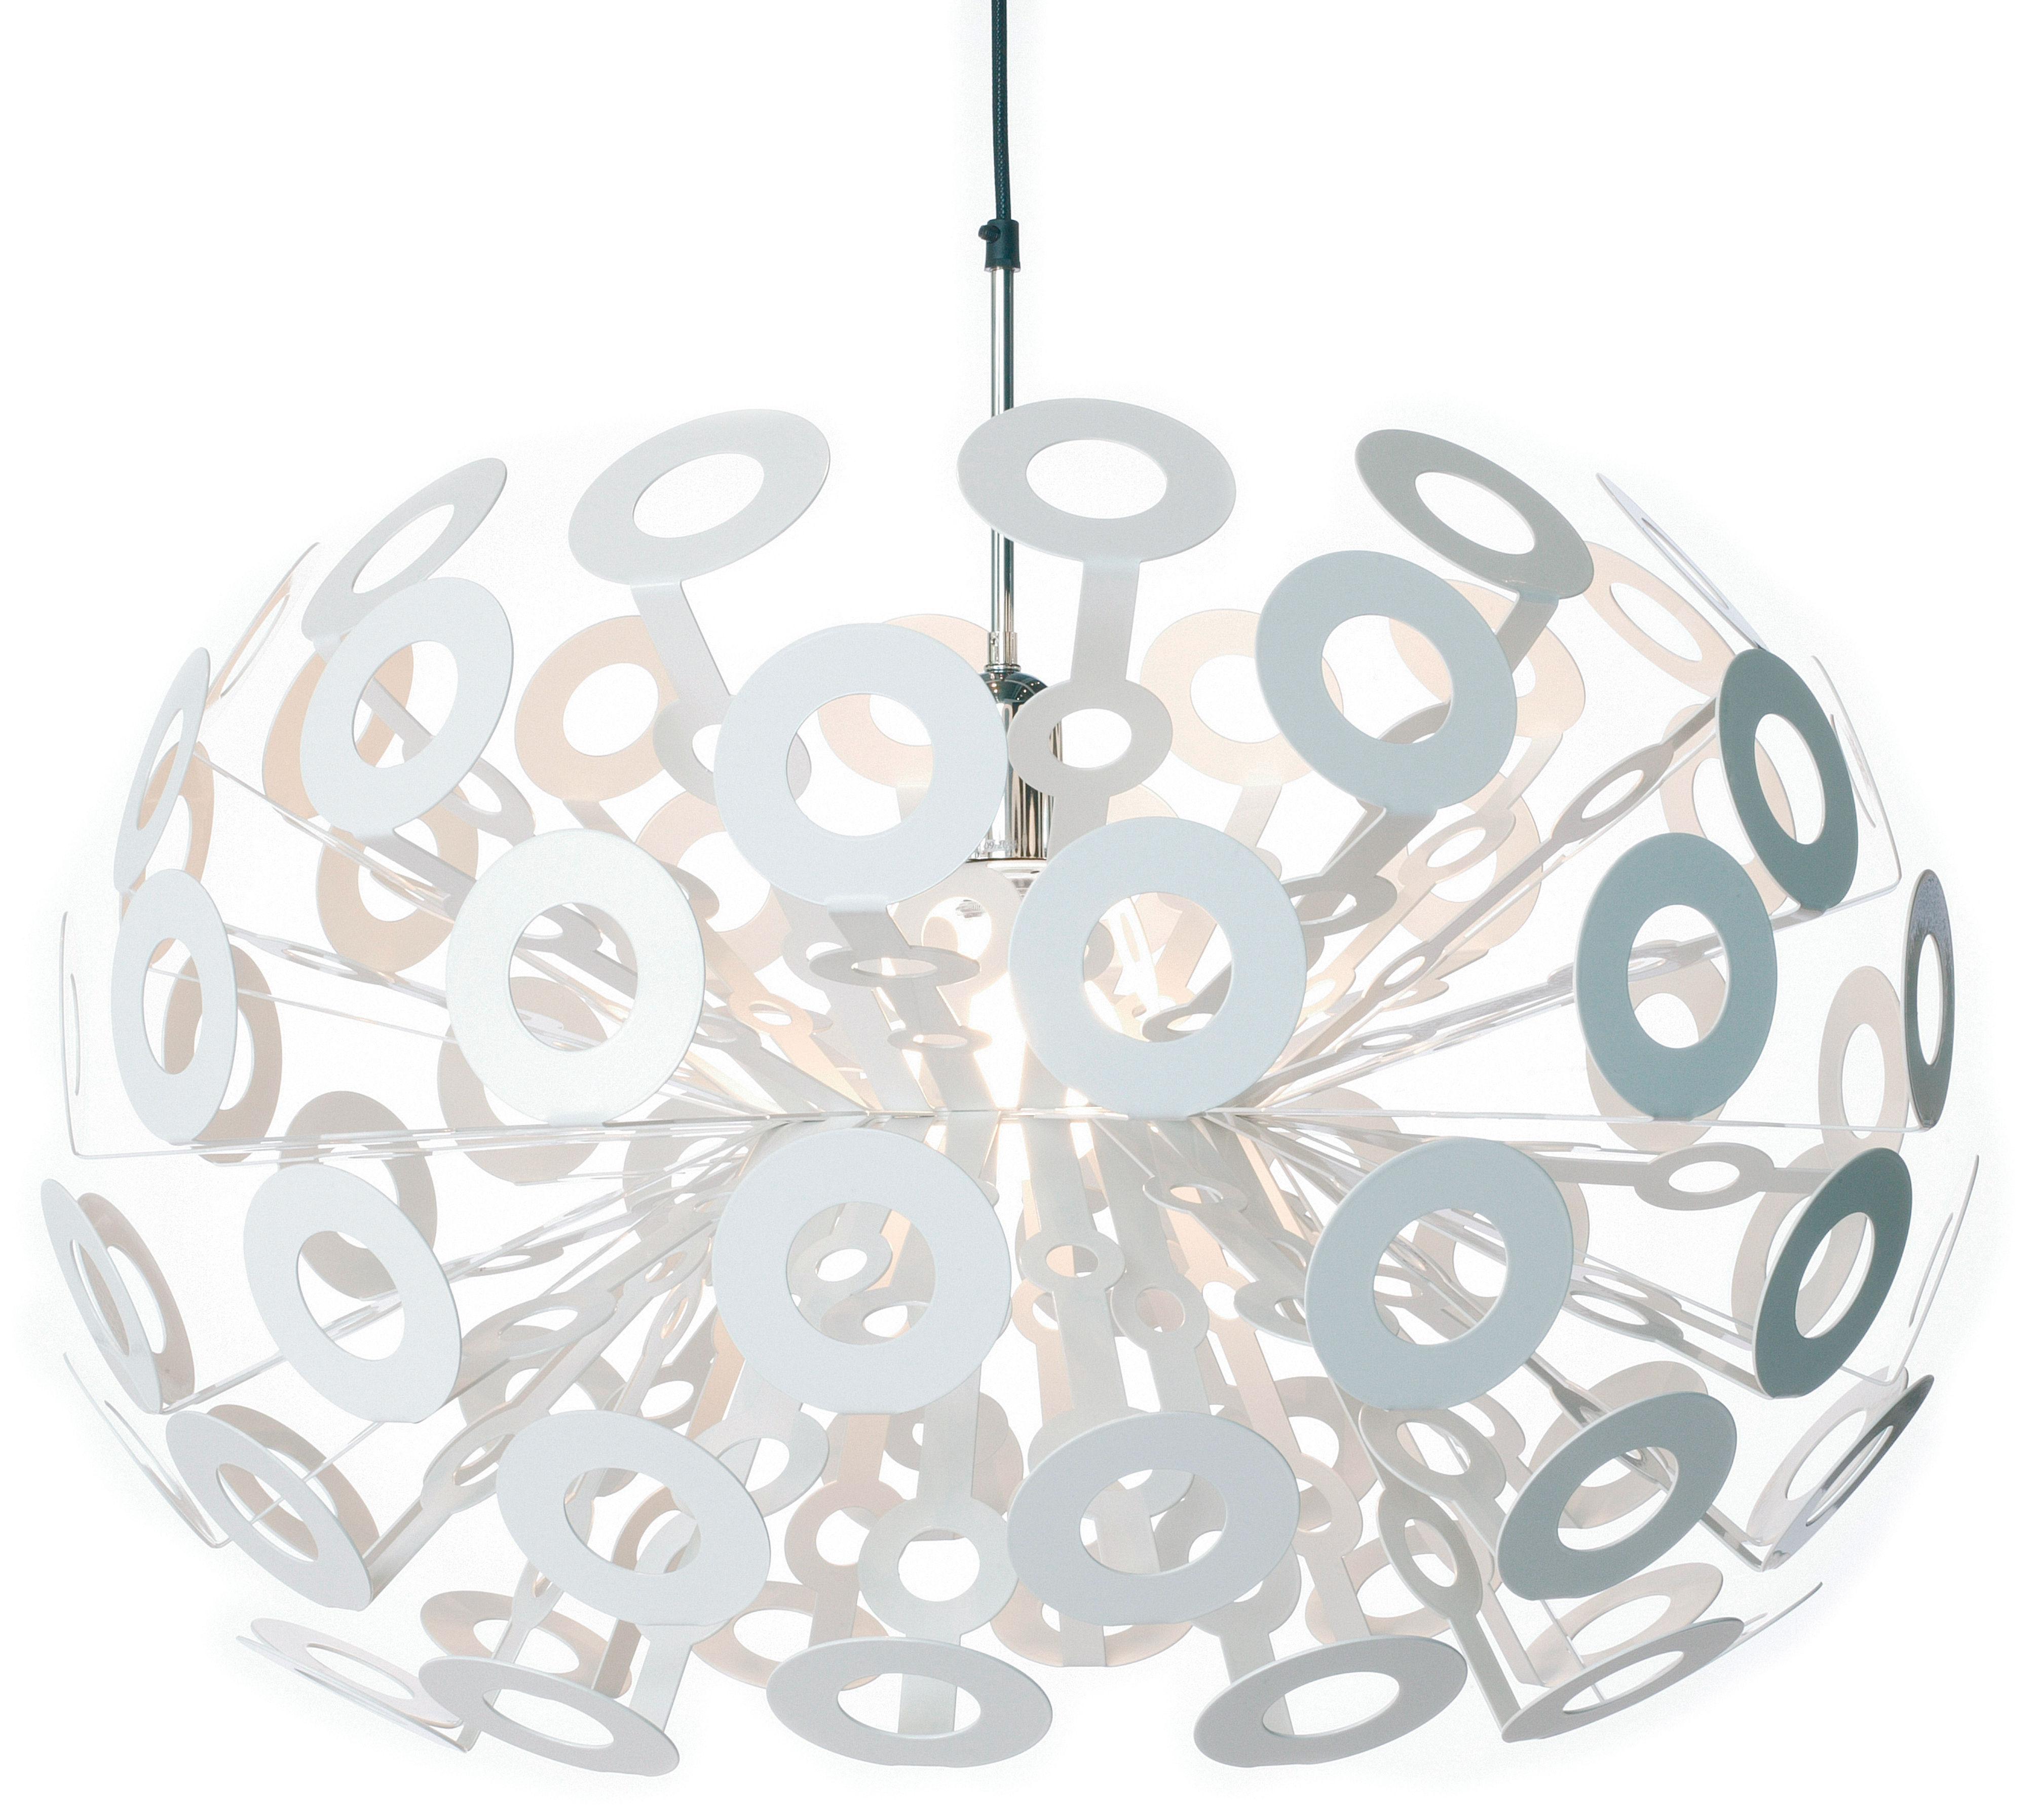 Illuminazione - Lampadari - Sospensione Dandelion di Moooi - Blanc - Acciaio verniciato